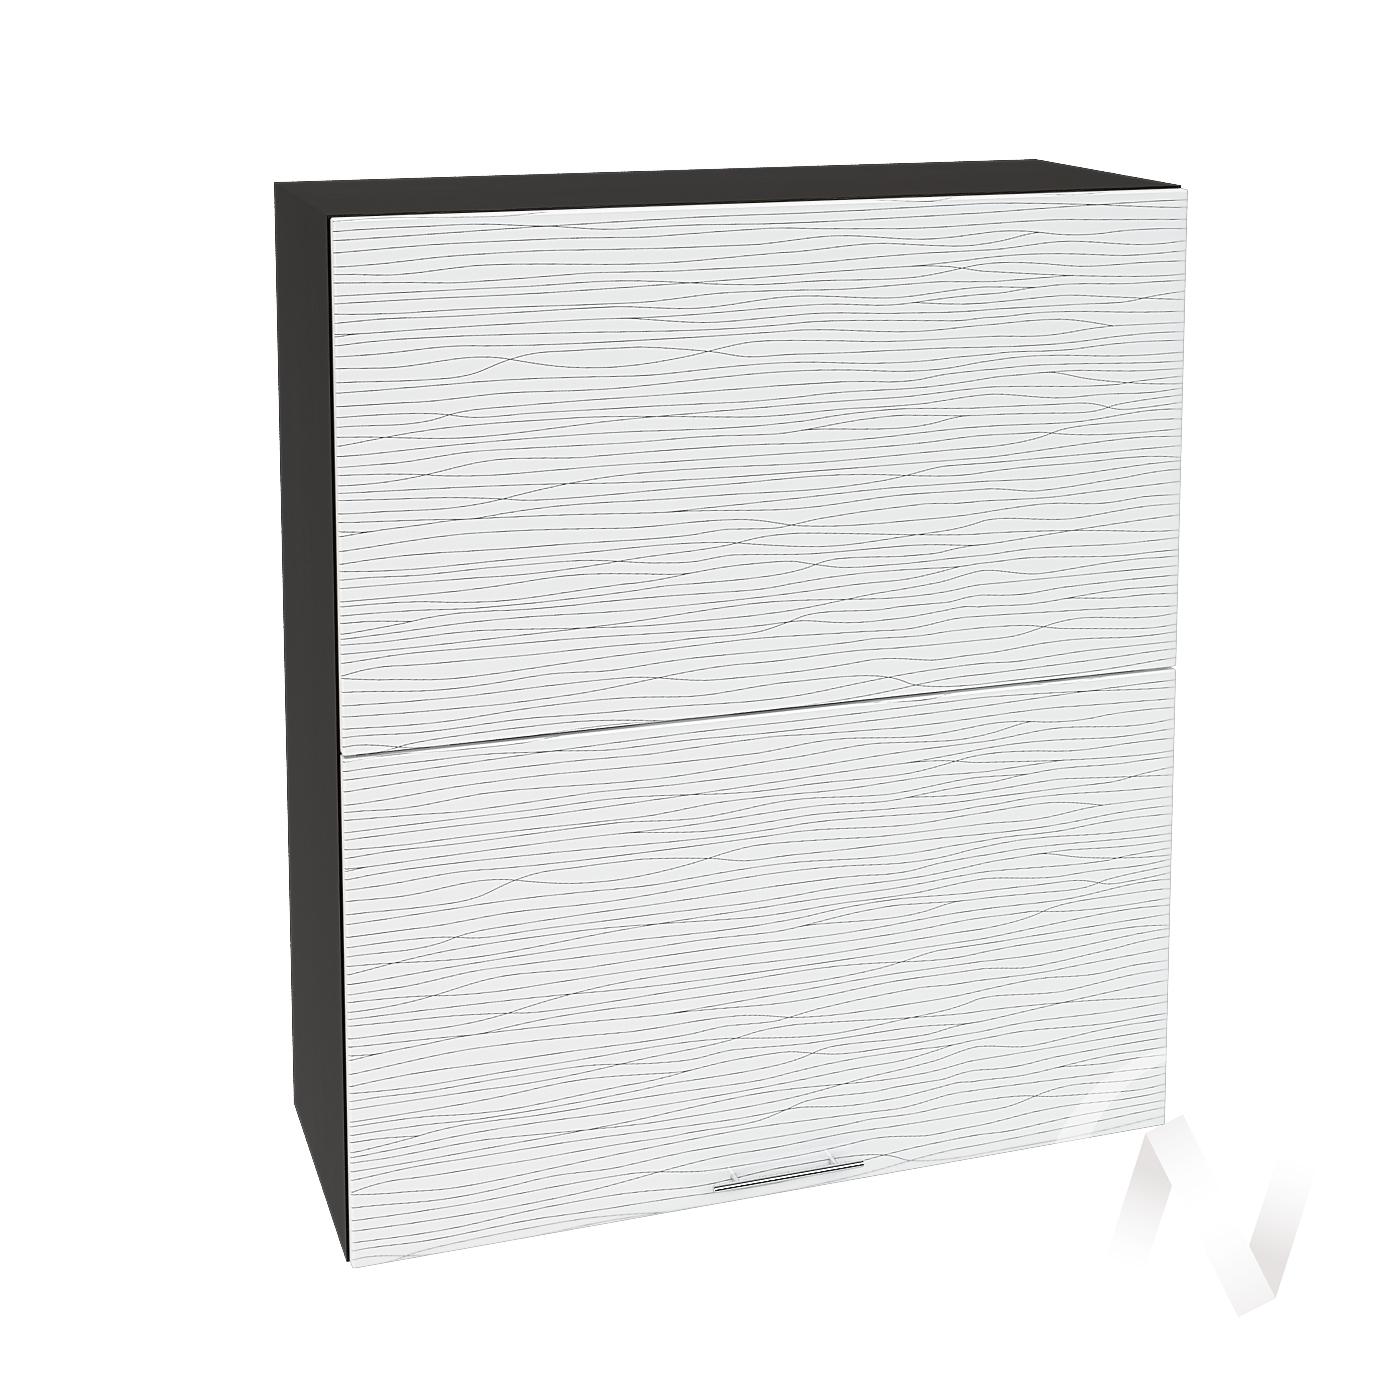 """Кухня """"Валерия-М"""": Шкаф верхний горизонтальный 802, ШВГ 802 (Страйп белый/корпус венге)"""